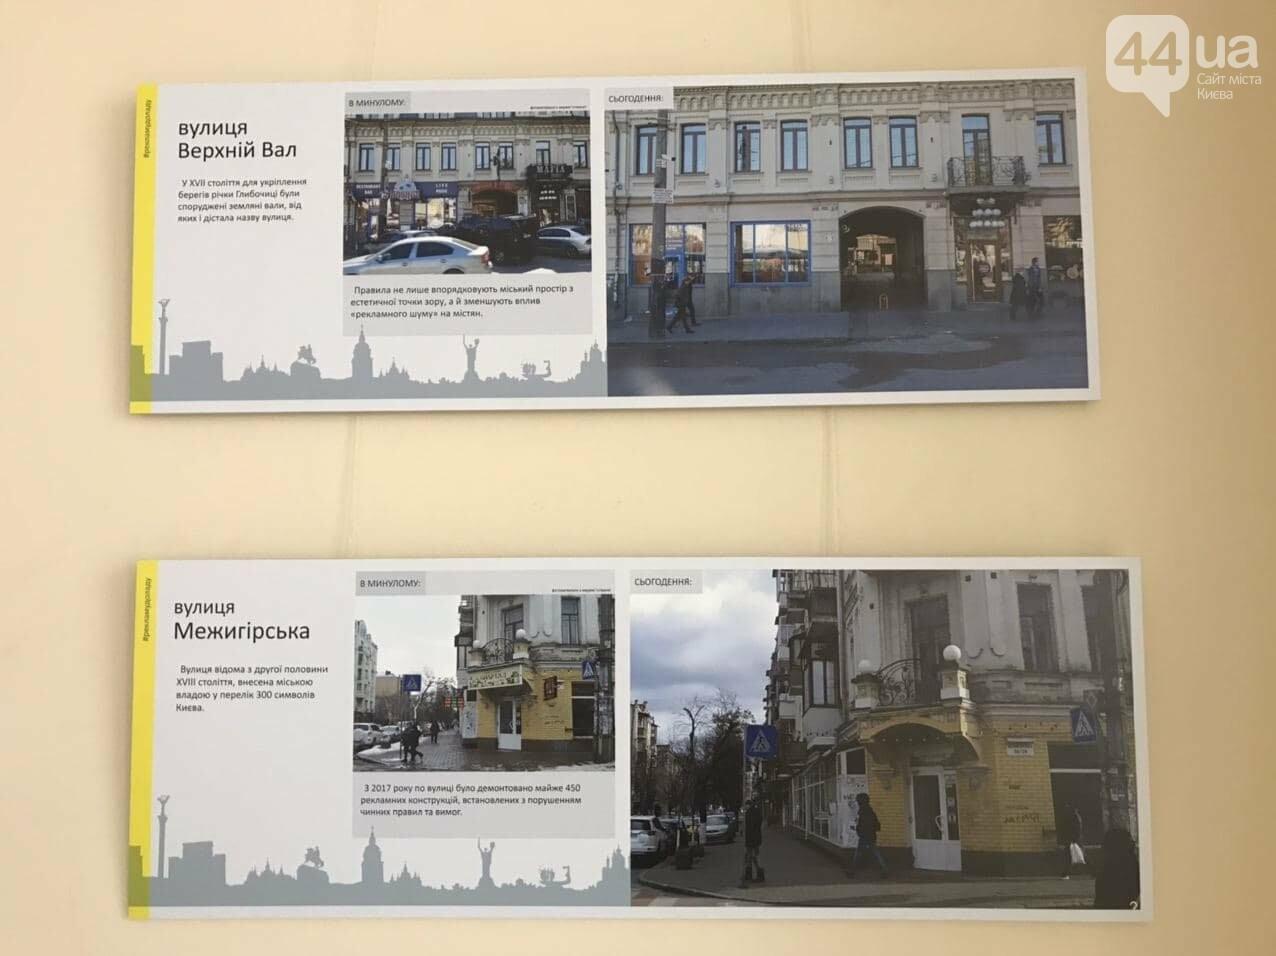 Киев в билбордах и вывесках: почему столица утопает в хаотичной рекламе и как этому помешать, фото-3